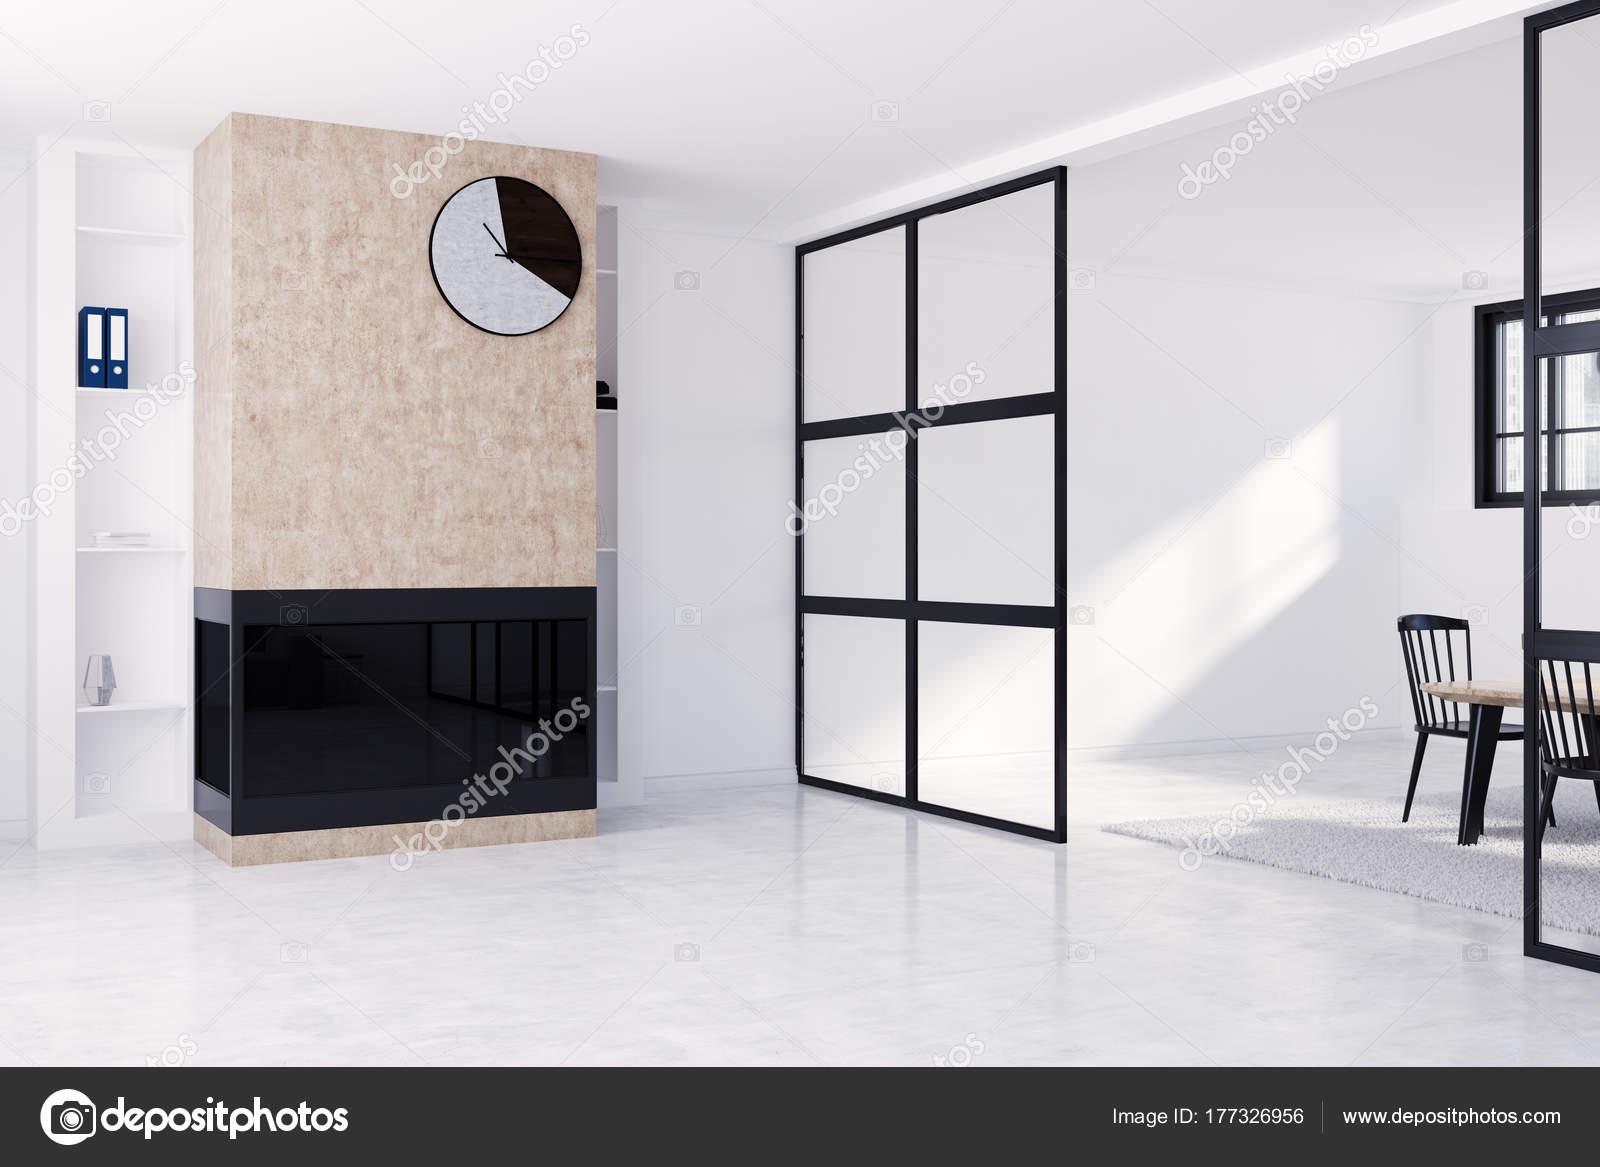 Weiße Wohnzimmer mit Kamin und Uhr Seite — Stockfoto ...